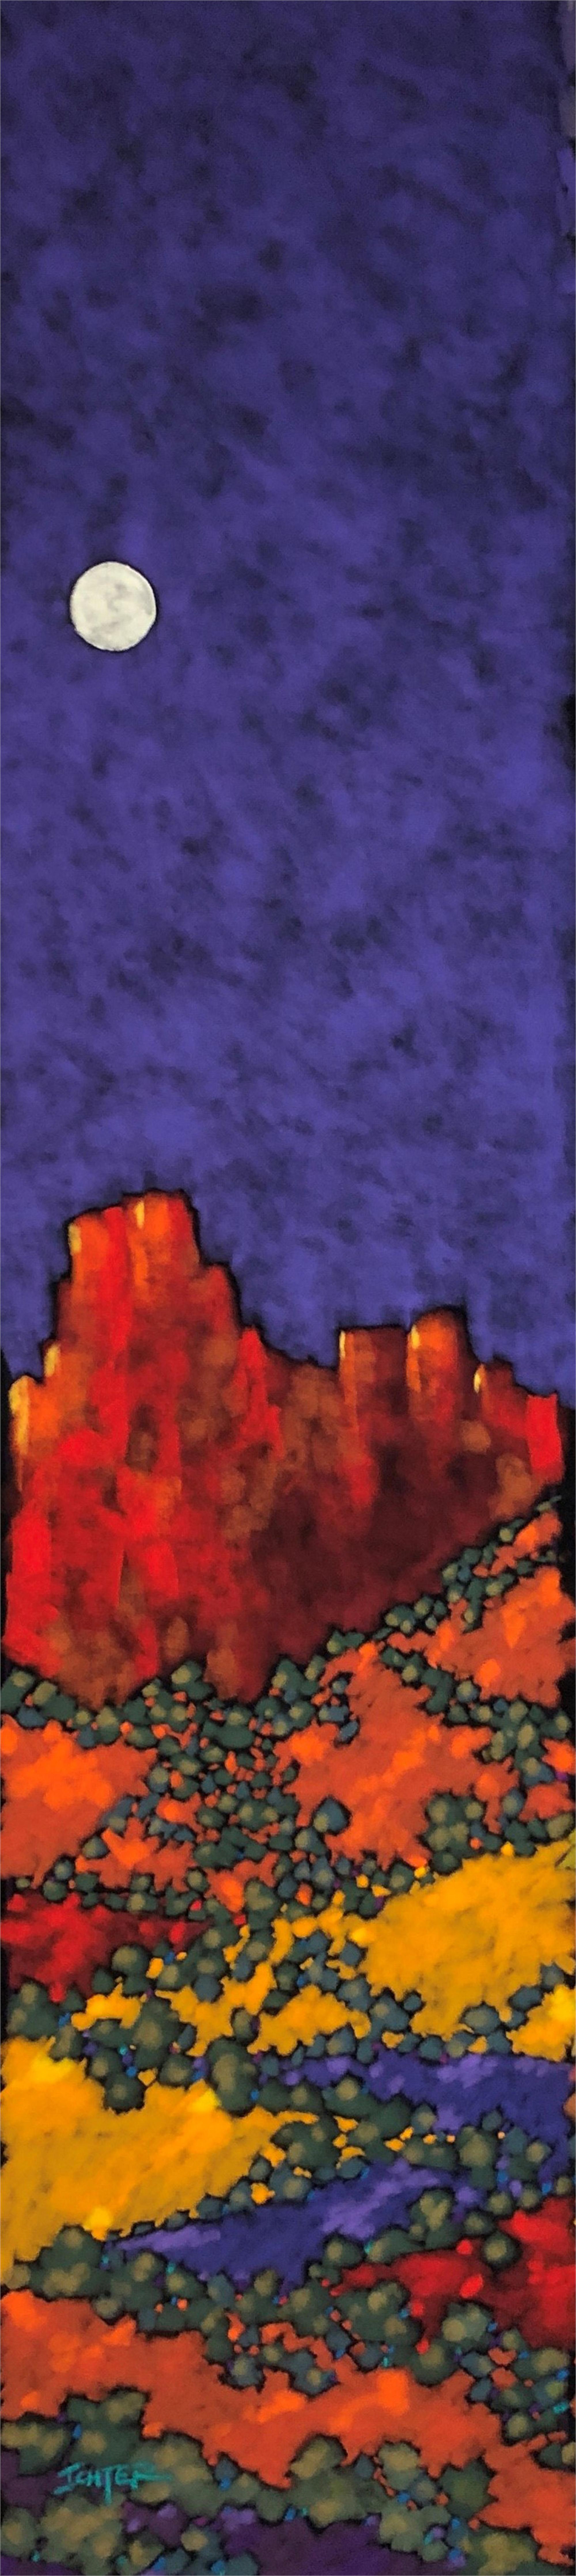 Sedona Secret Story by R. John Ichter